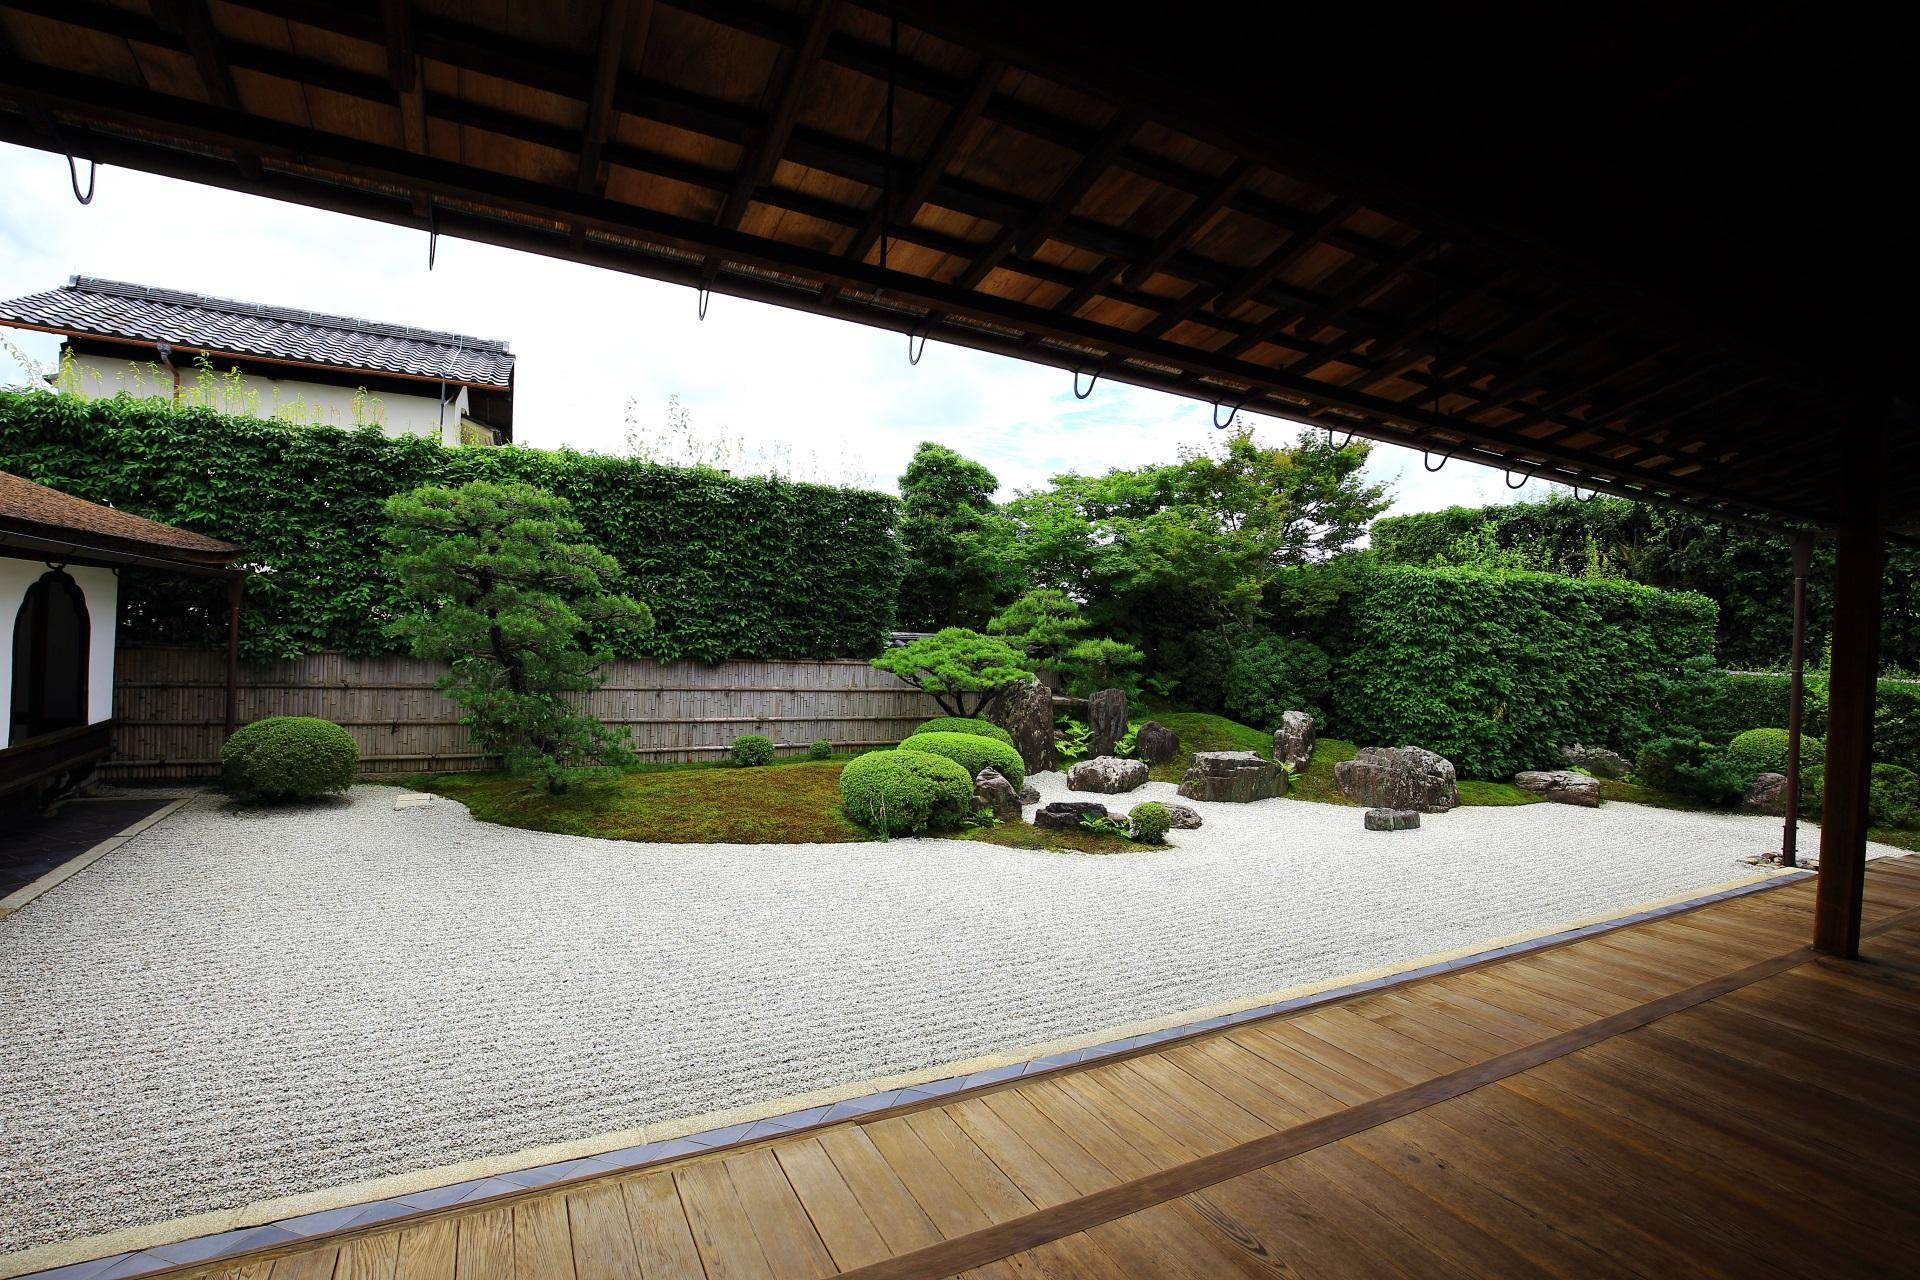 興臨院 庭園 上品な蓬莱式枯山水と溢れる多様な緑